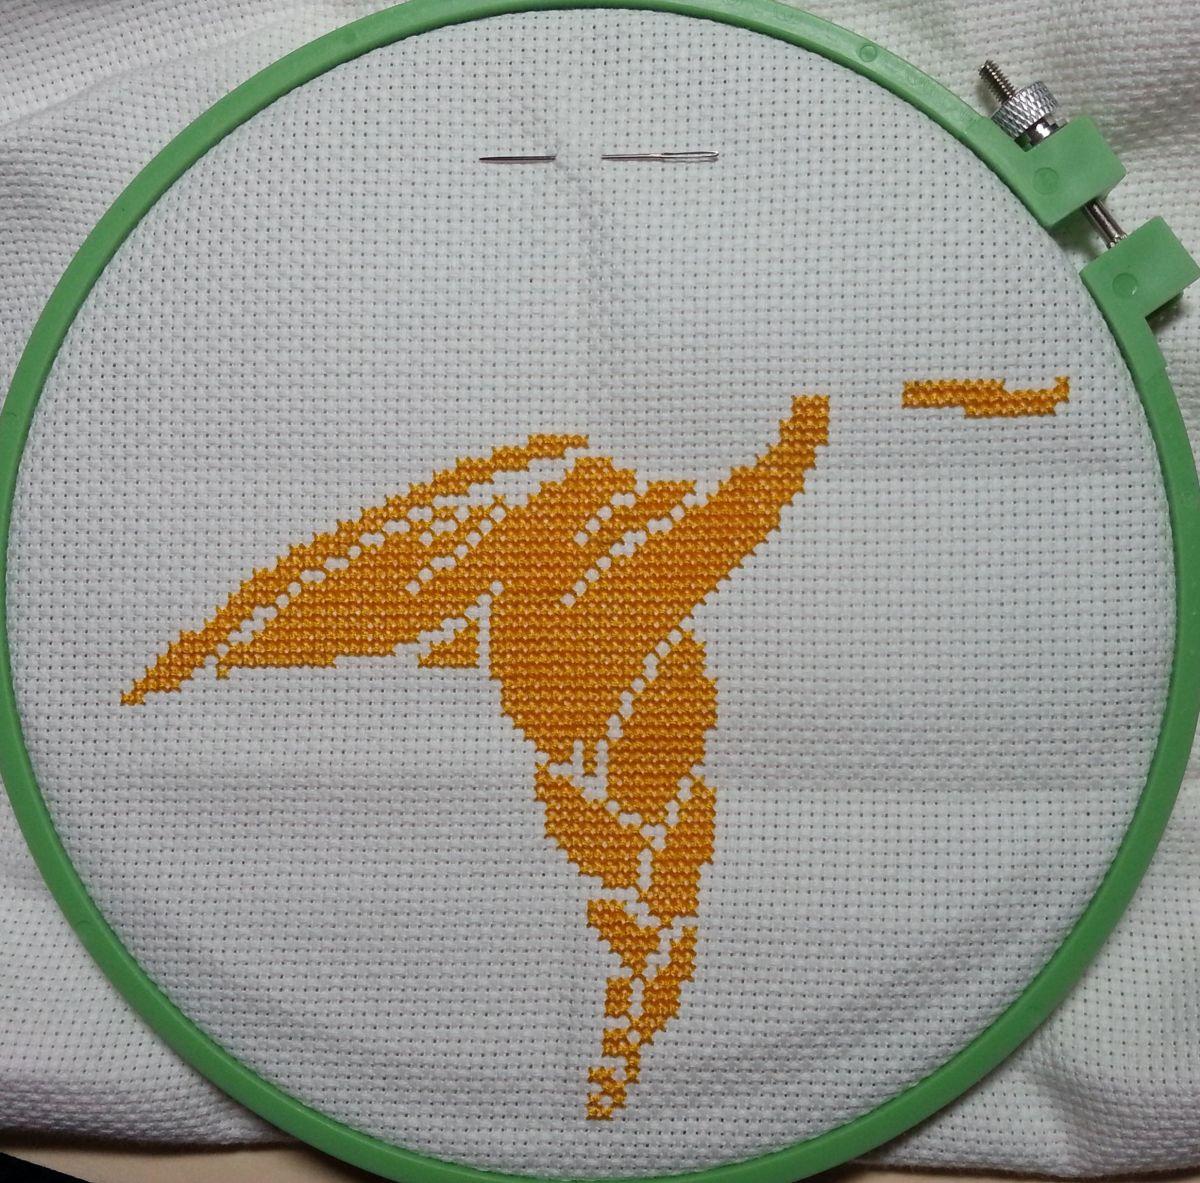 minnesota-viking-emblem-cross-stitch